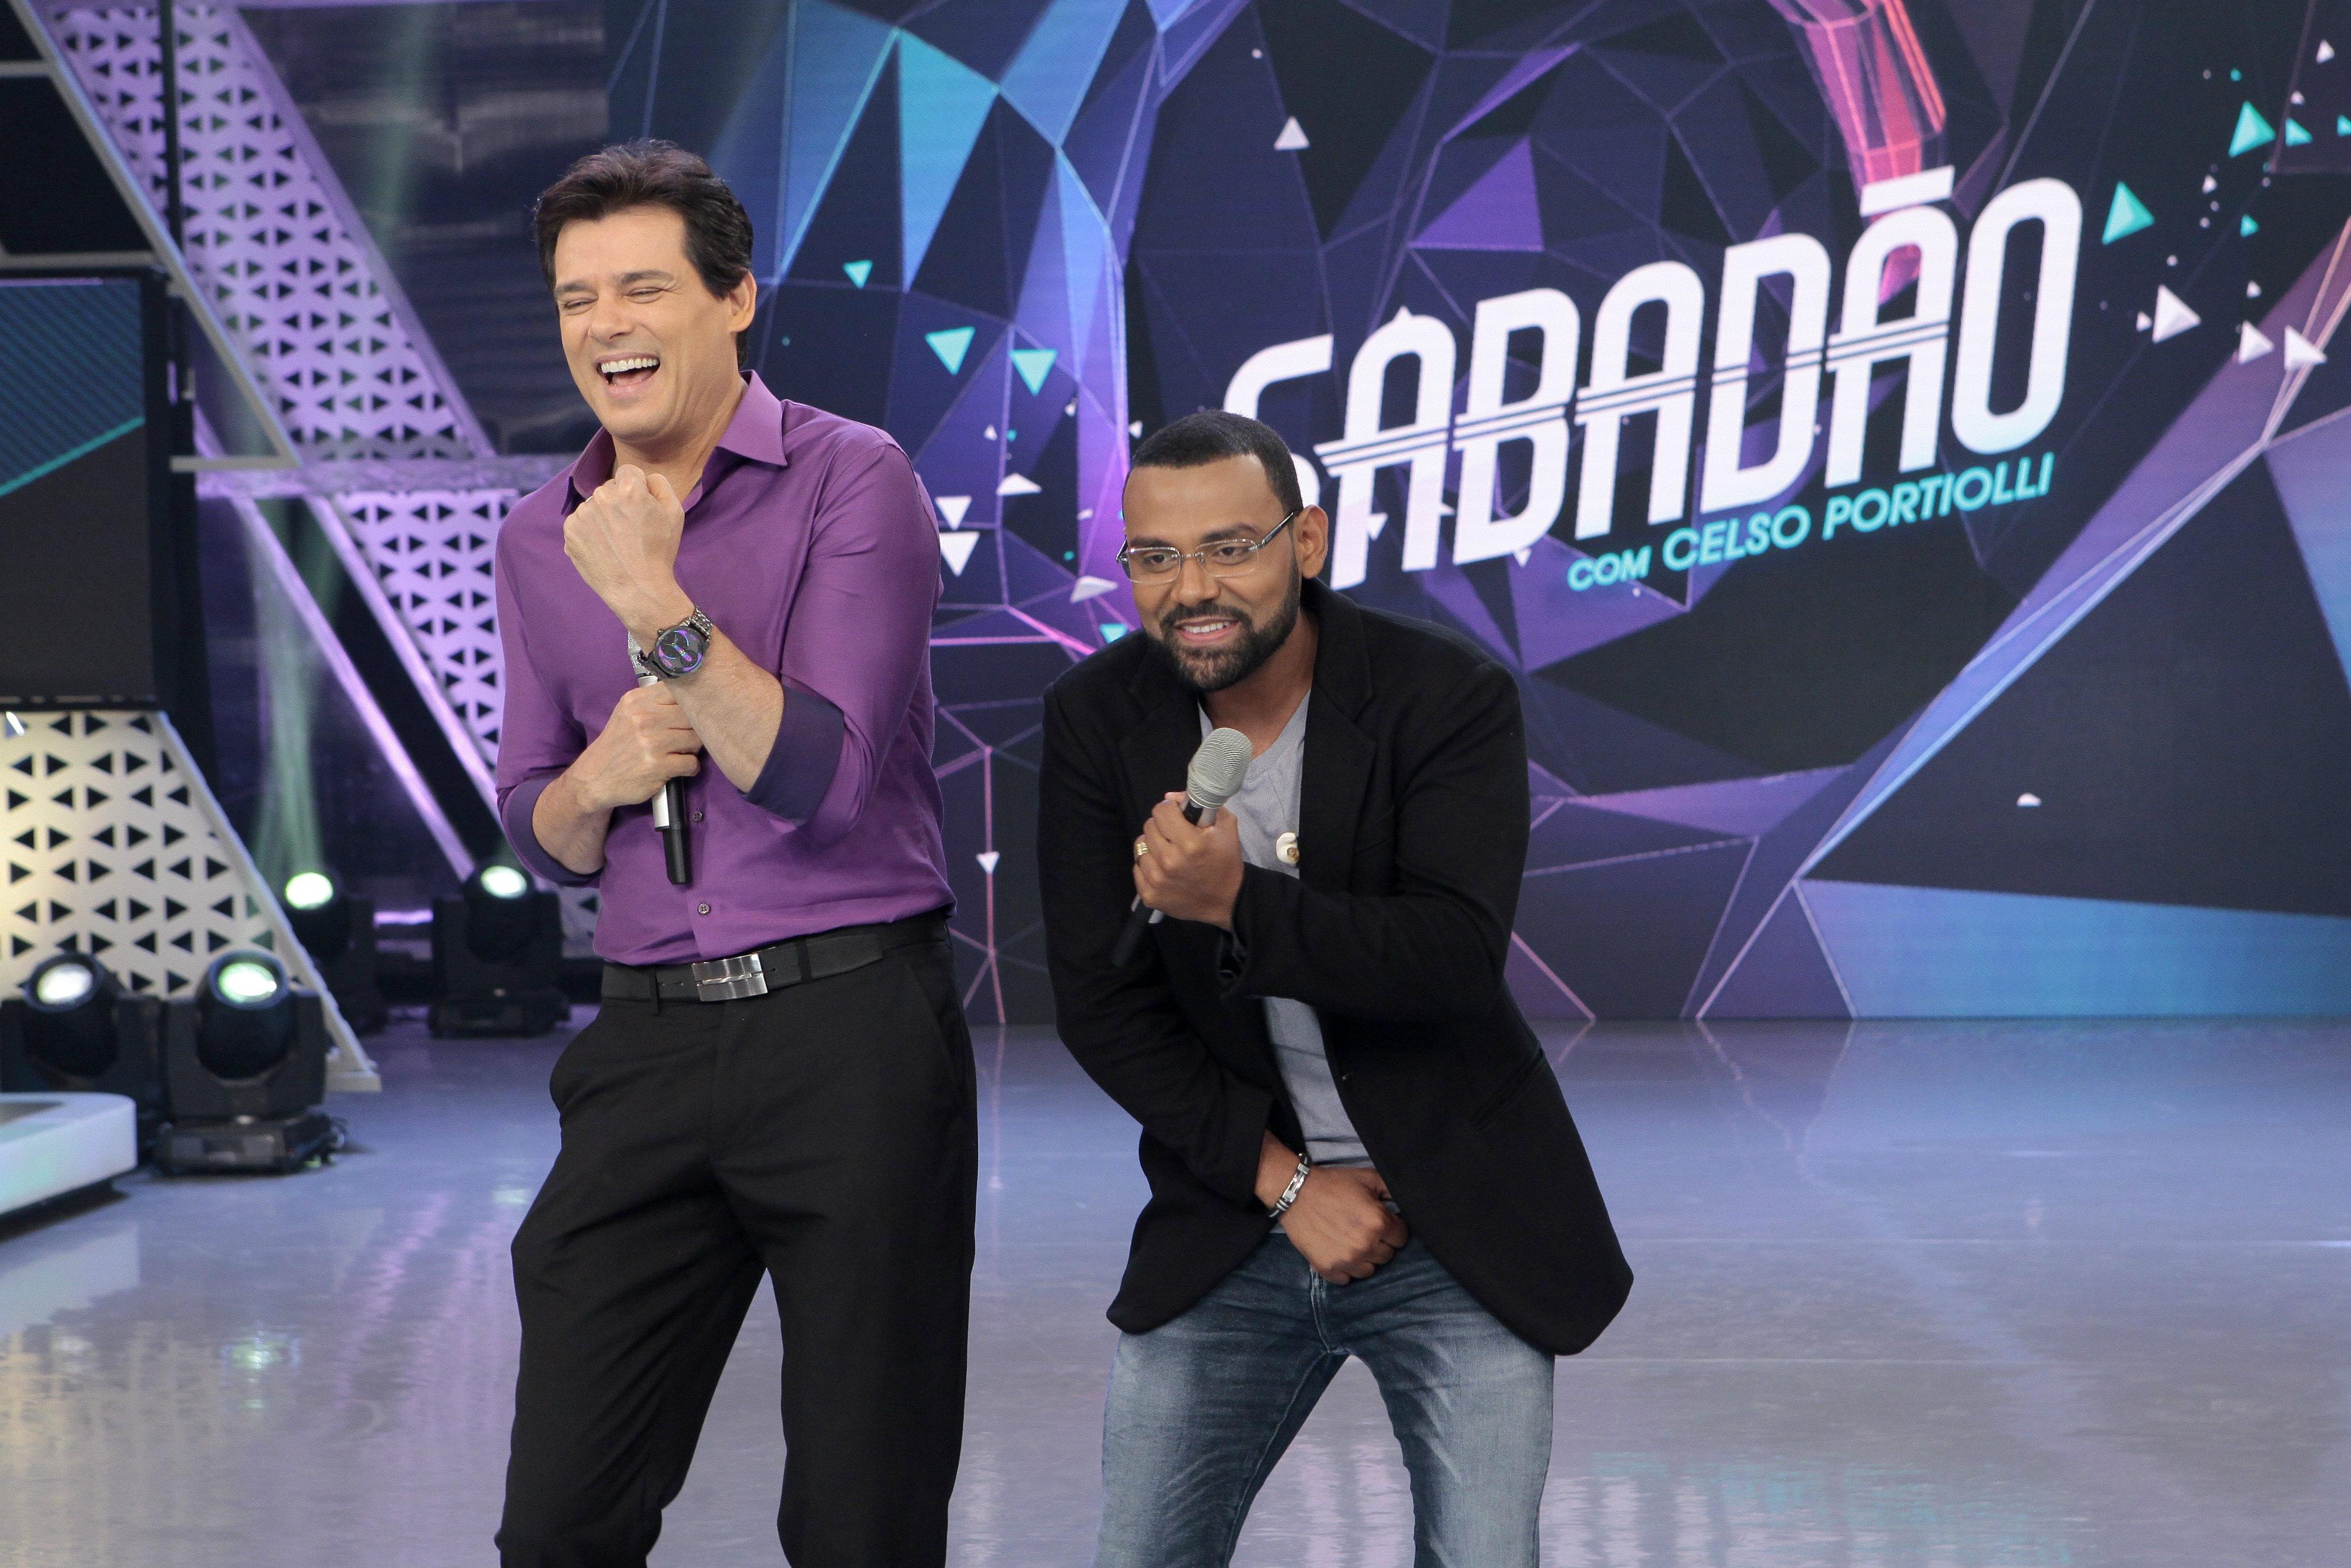 Sabadão Celso Portiolli com Pablo